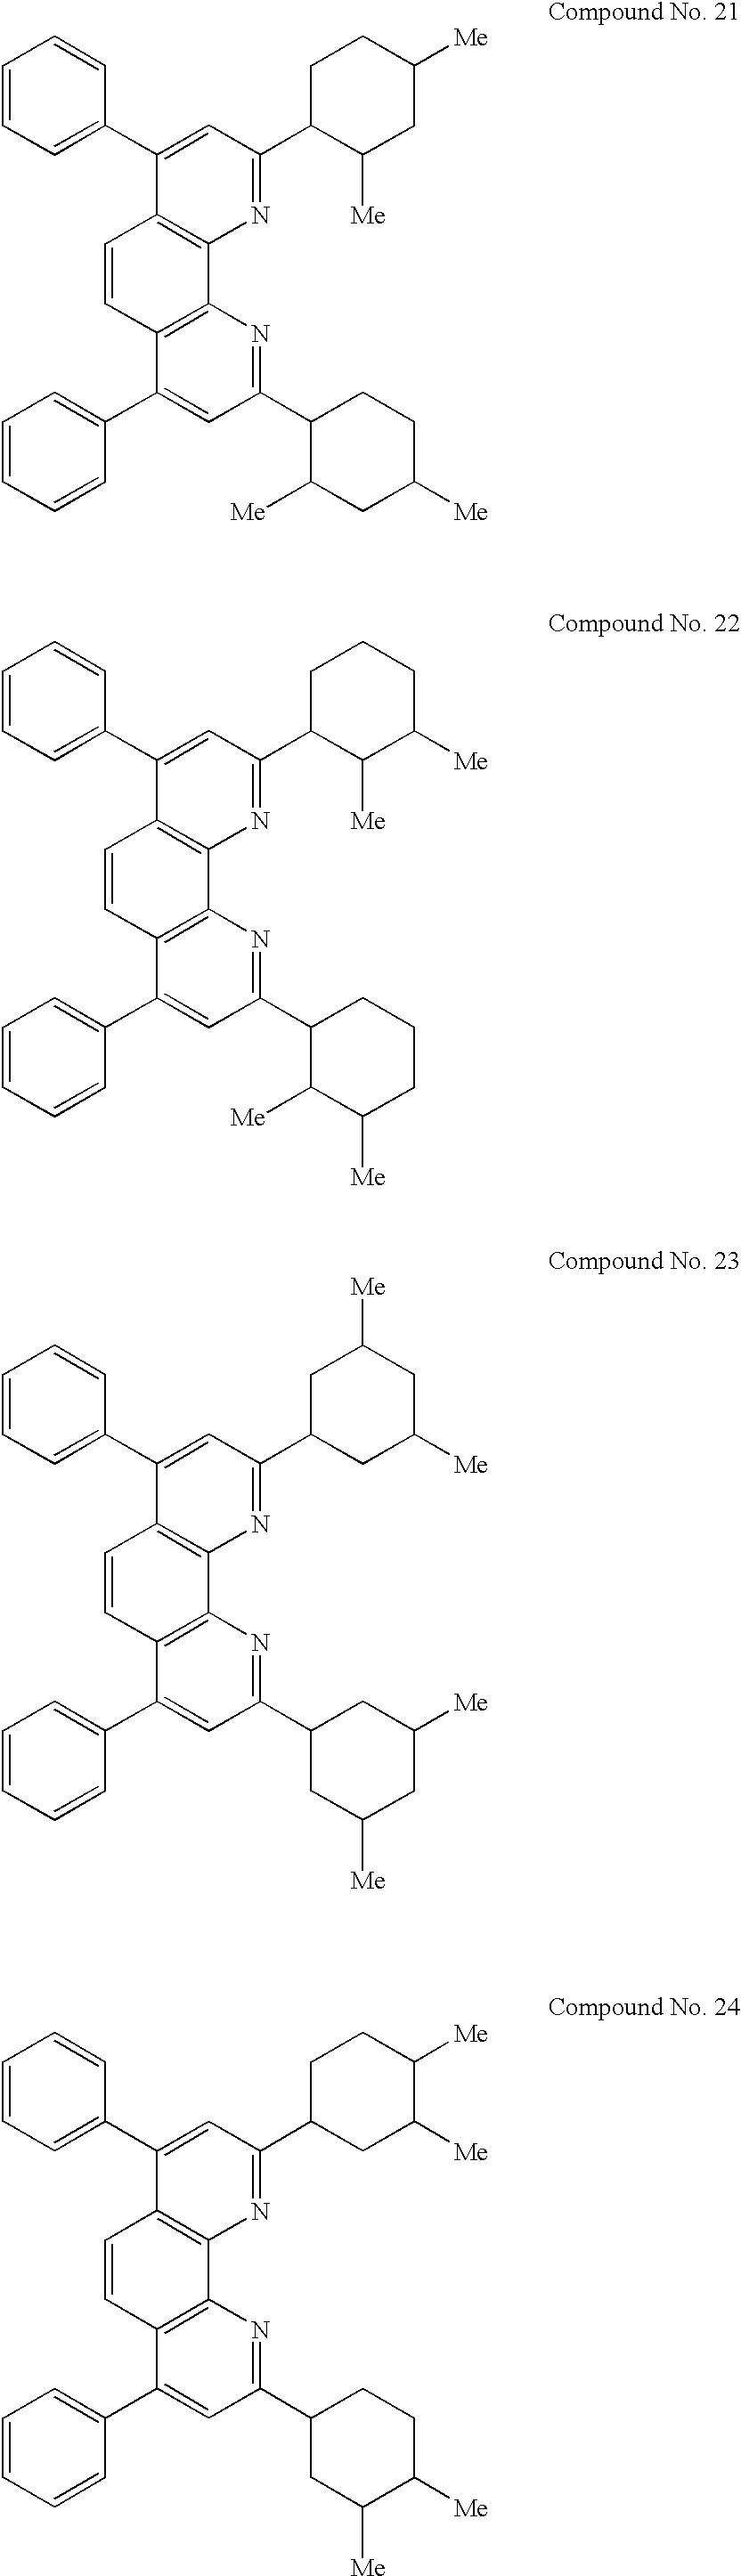 Figure US06524728-20030225-C00008